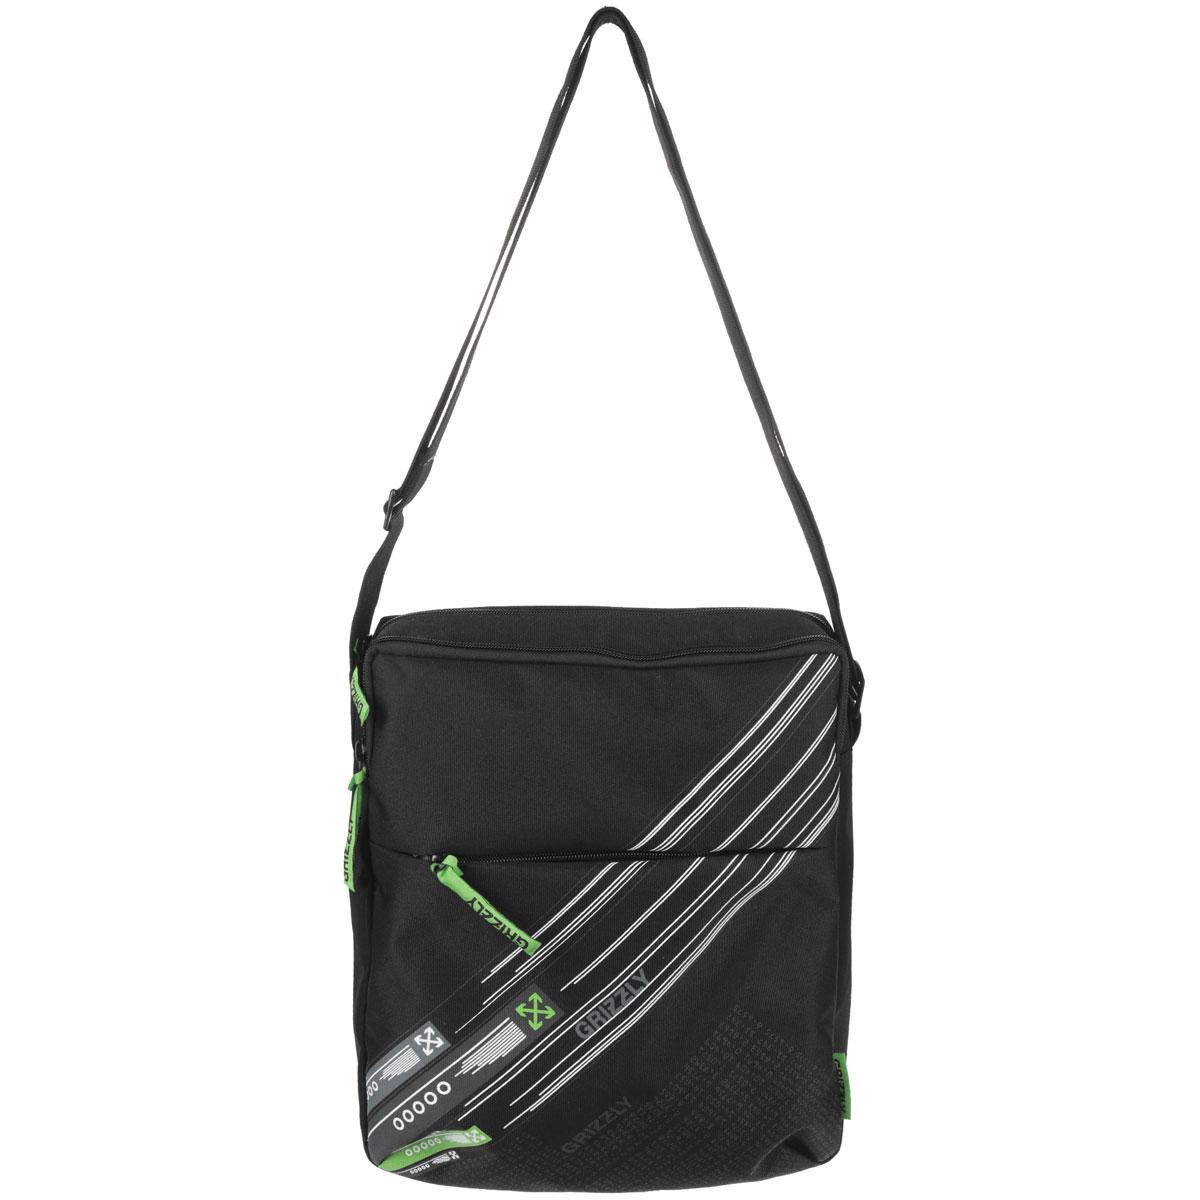 Grizzly Сумка школьная цвет черный салатовый72523WDМолодежная сумка с одним отделением, с плоским карманом на передней и задней стенке, внутренним карманом для документов , с регулируемым плечевым ремнем